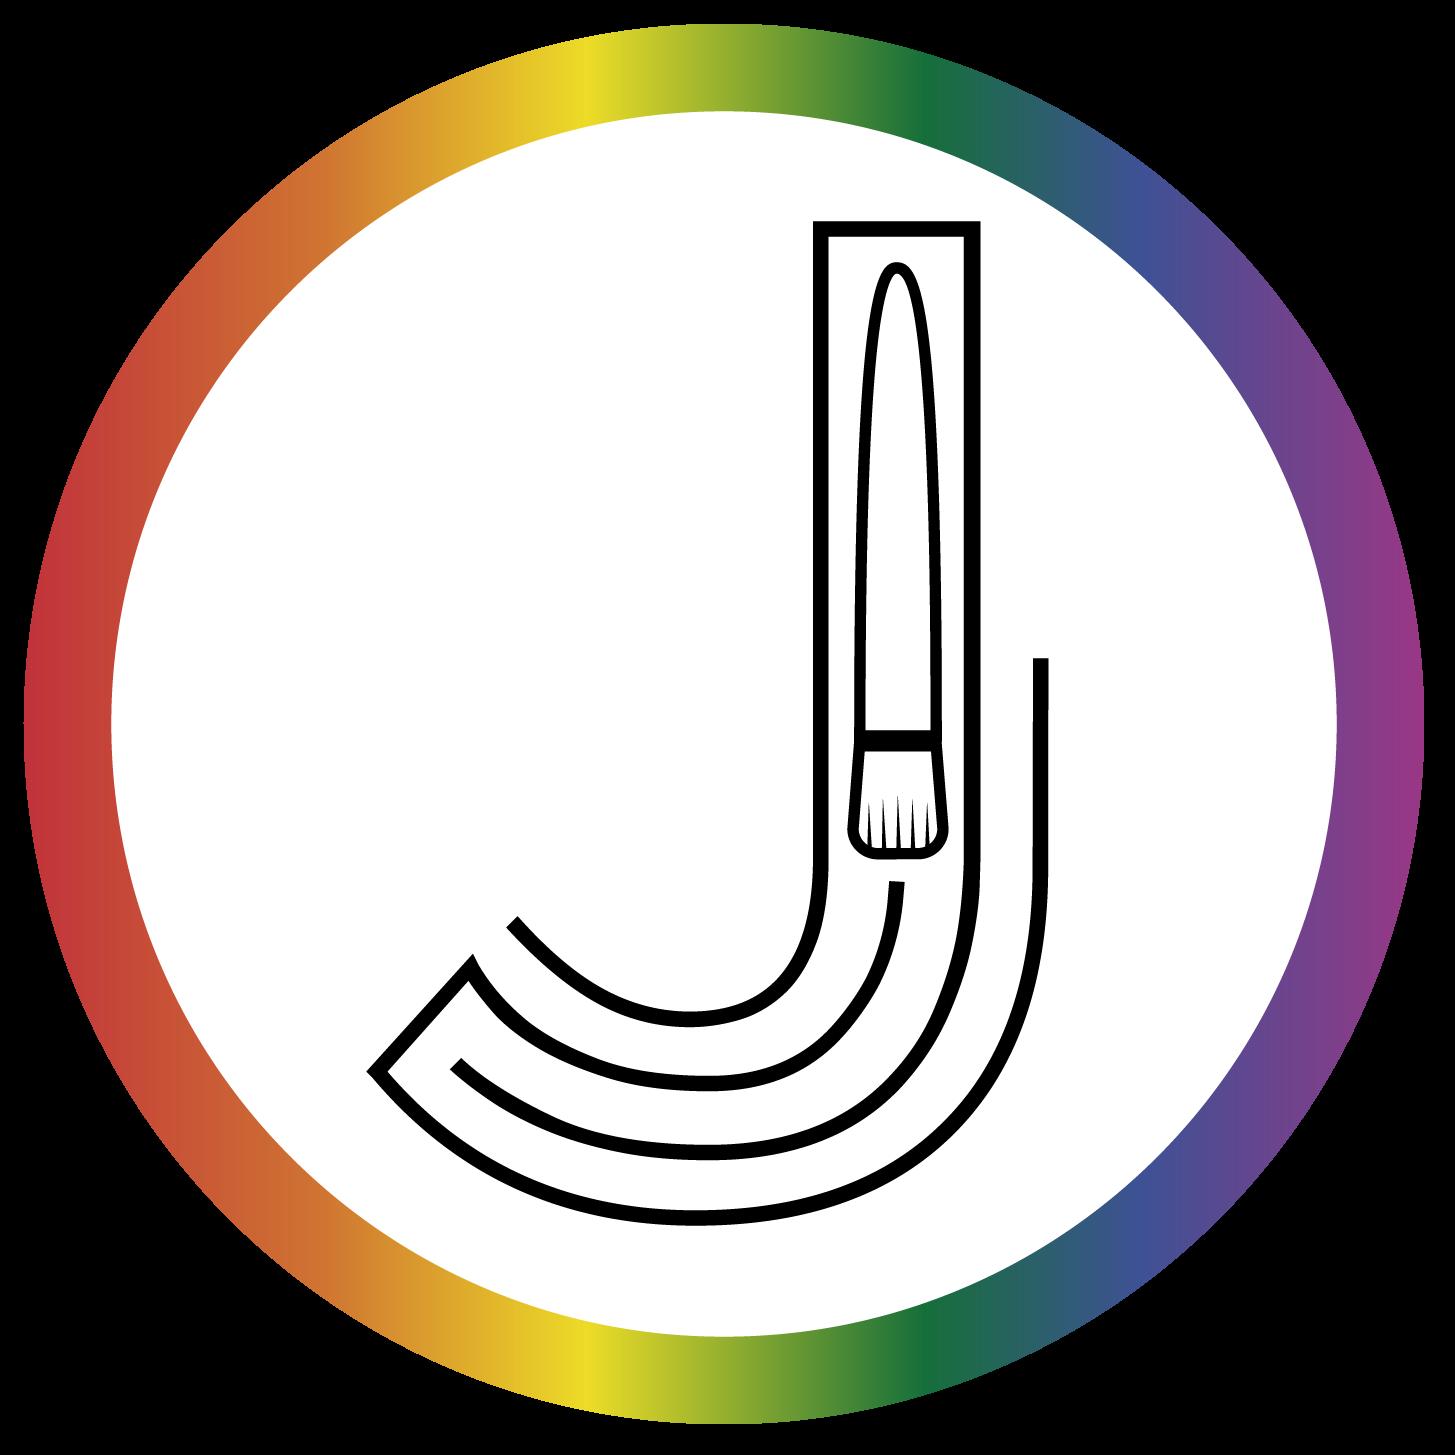 @JazminIlusyDis Profile Image | Linktree